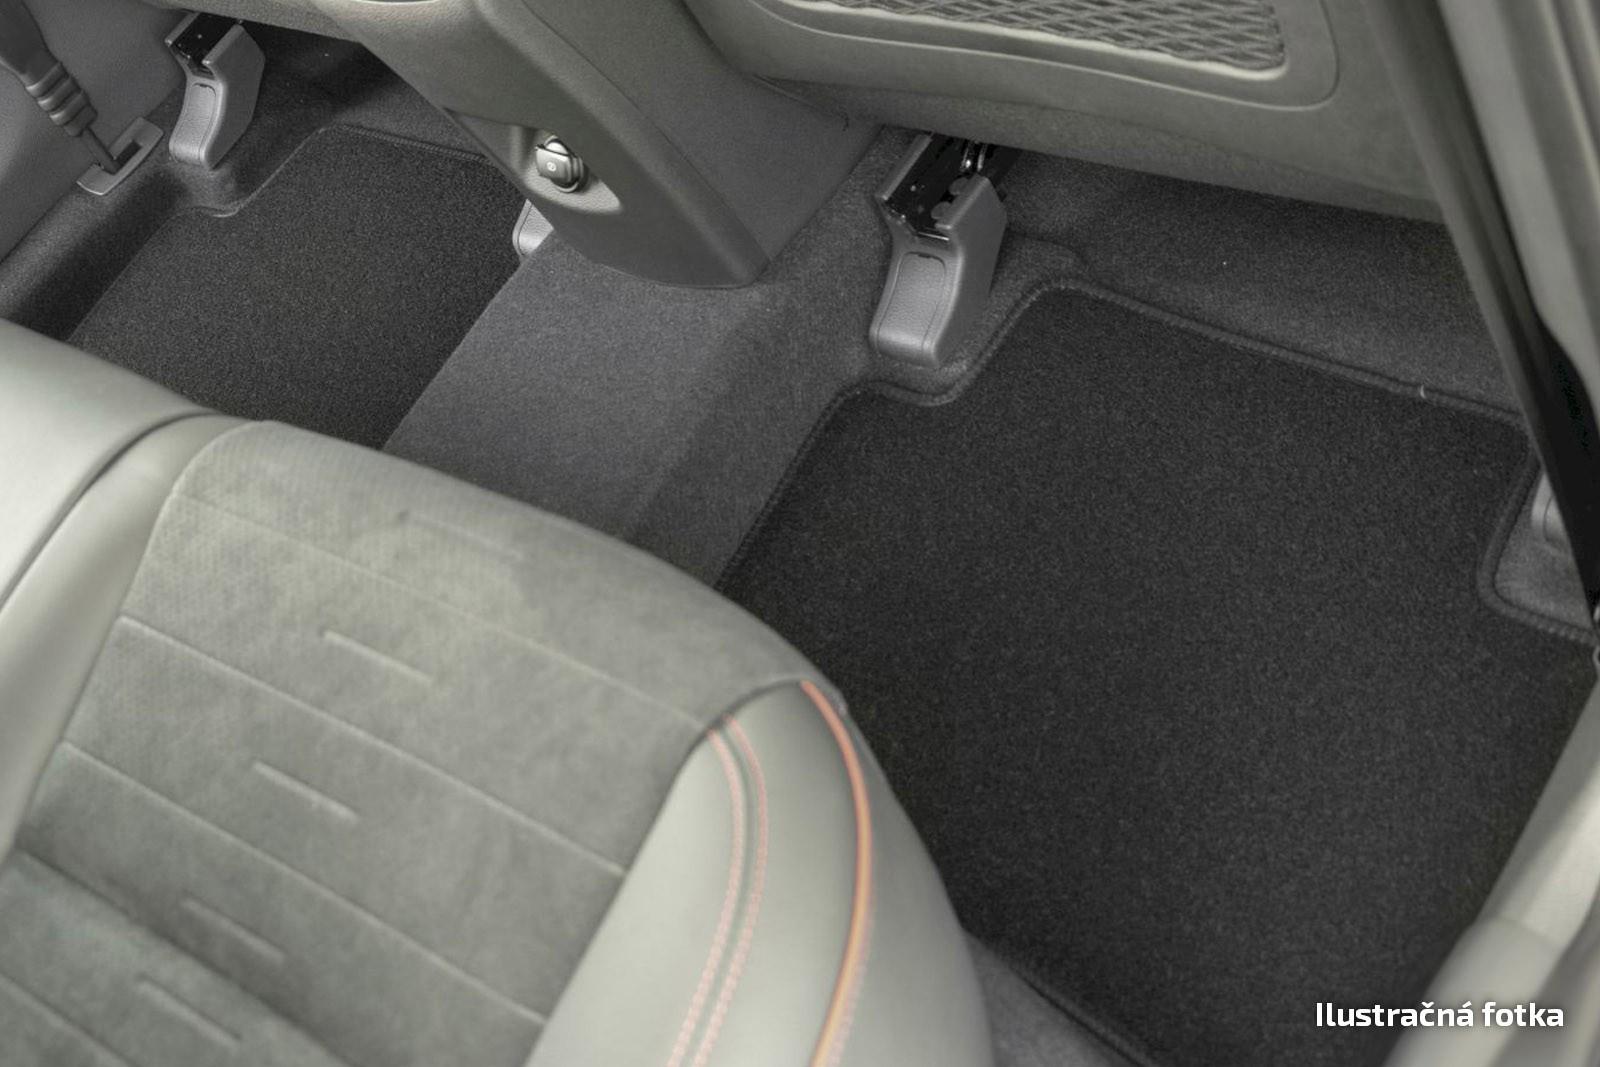 Poza cu Covorase din velur, Hyundai i40, 2011-2019